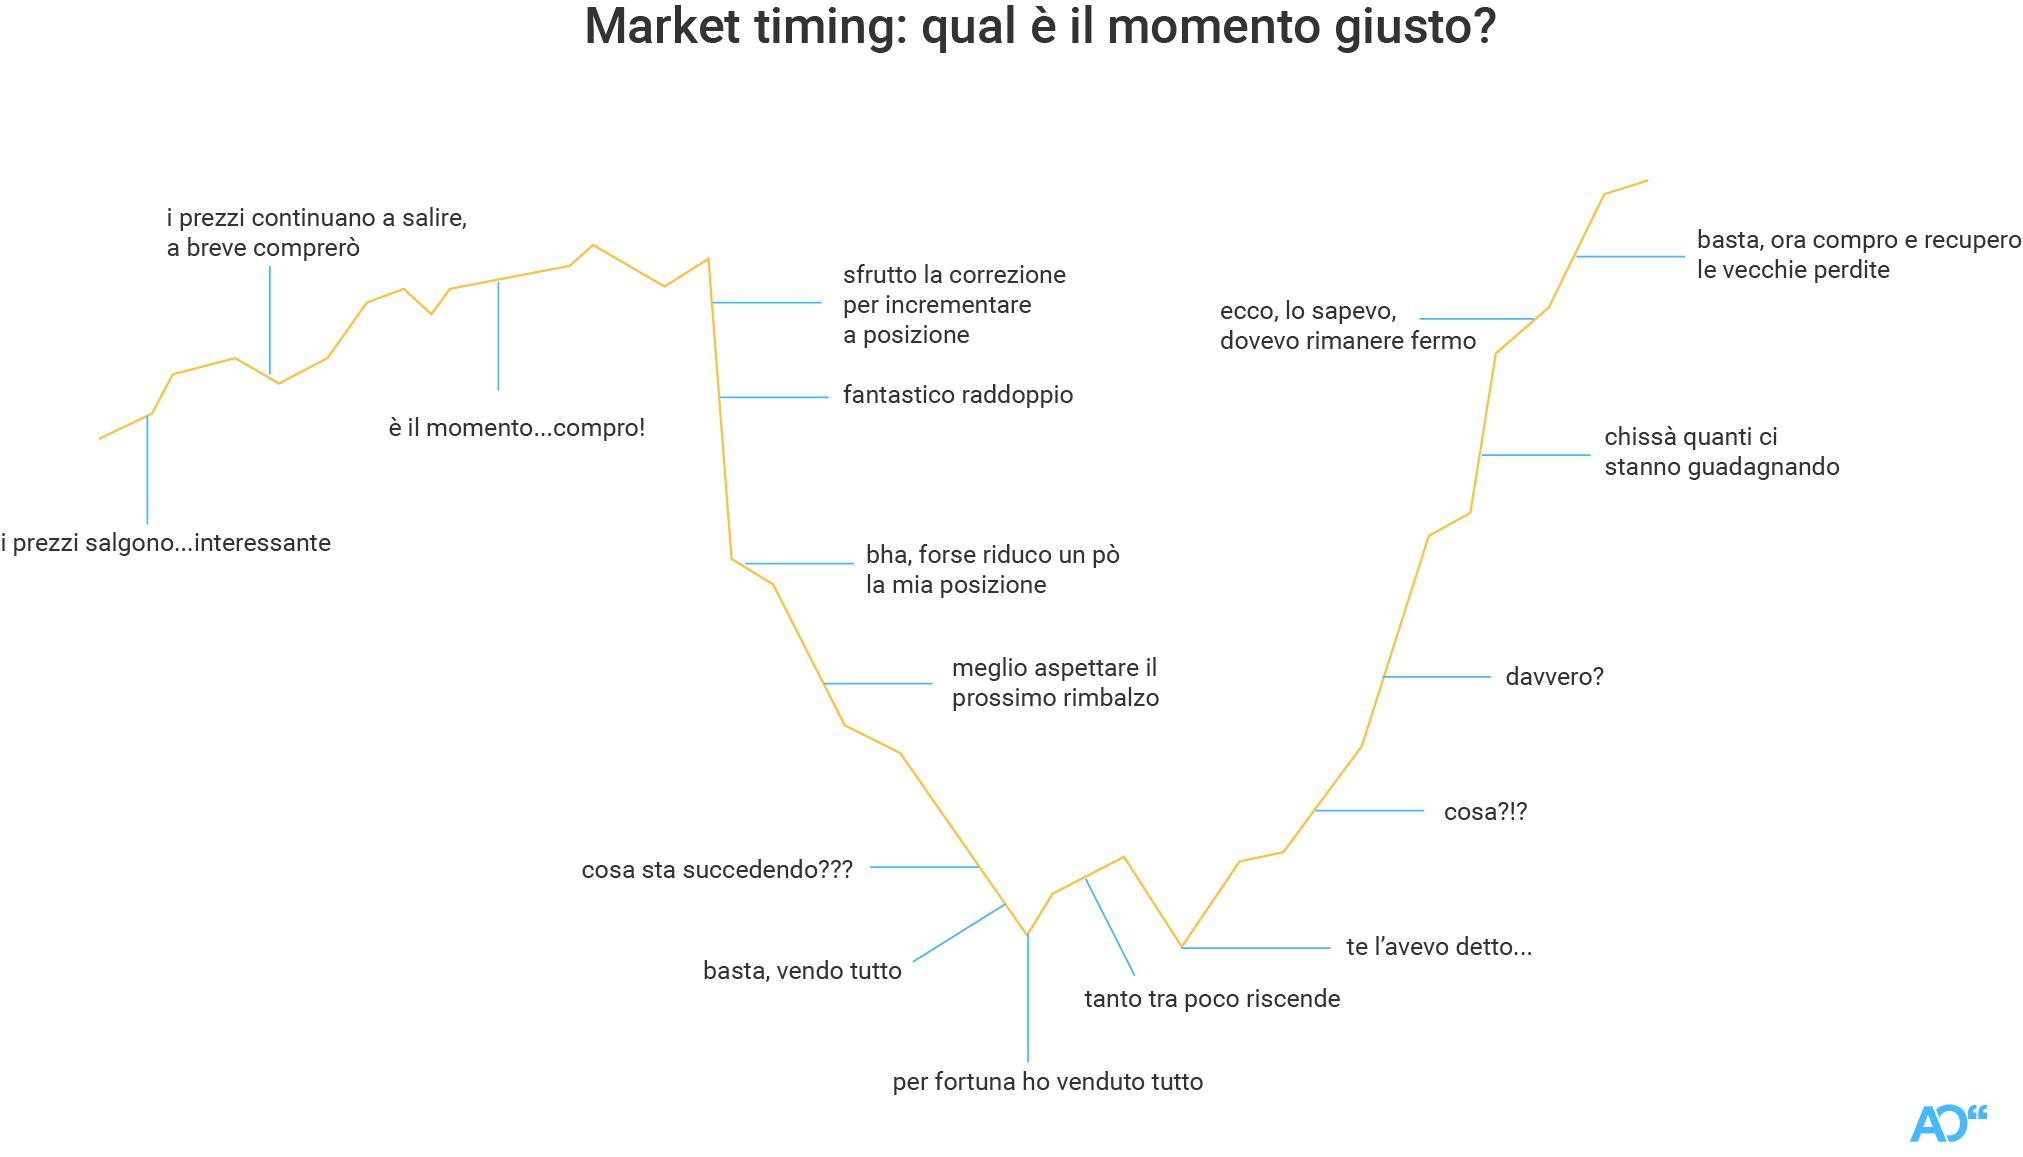 Un esempio di sindrome da market timing